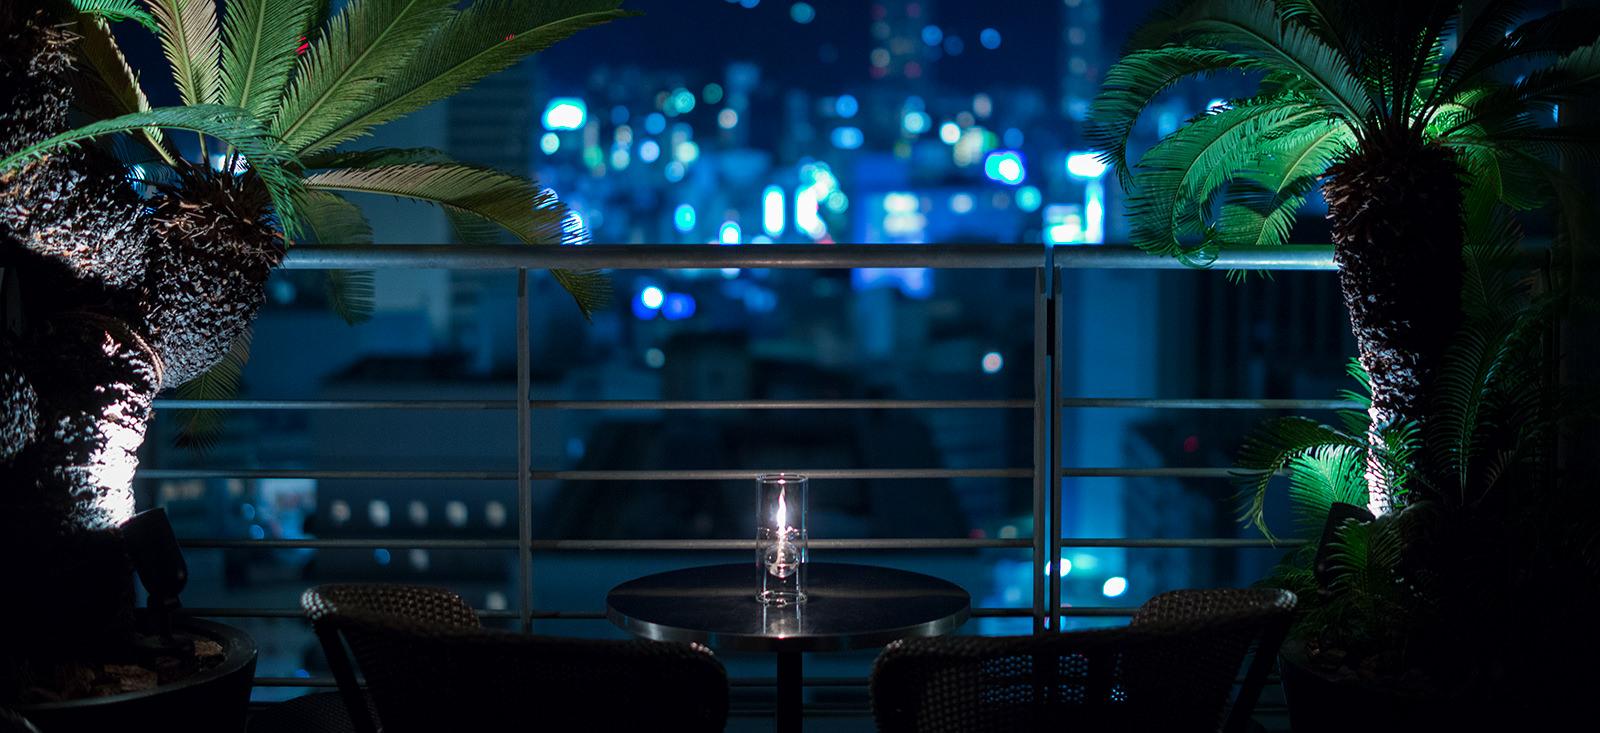 ザ バー ジェイダブリューハート 神戸オリエンタルホテル oriental